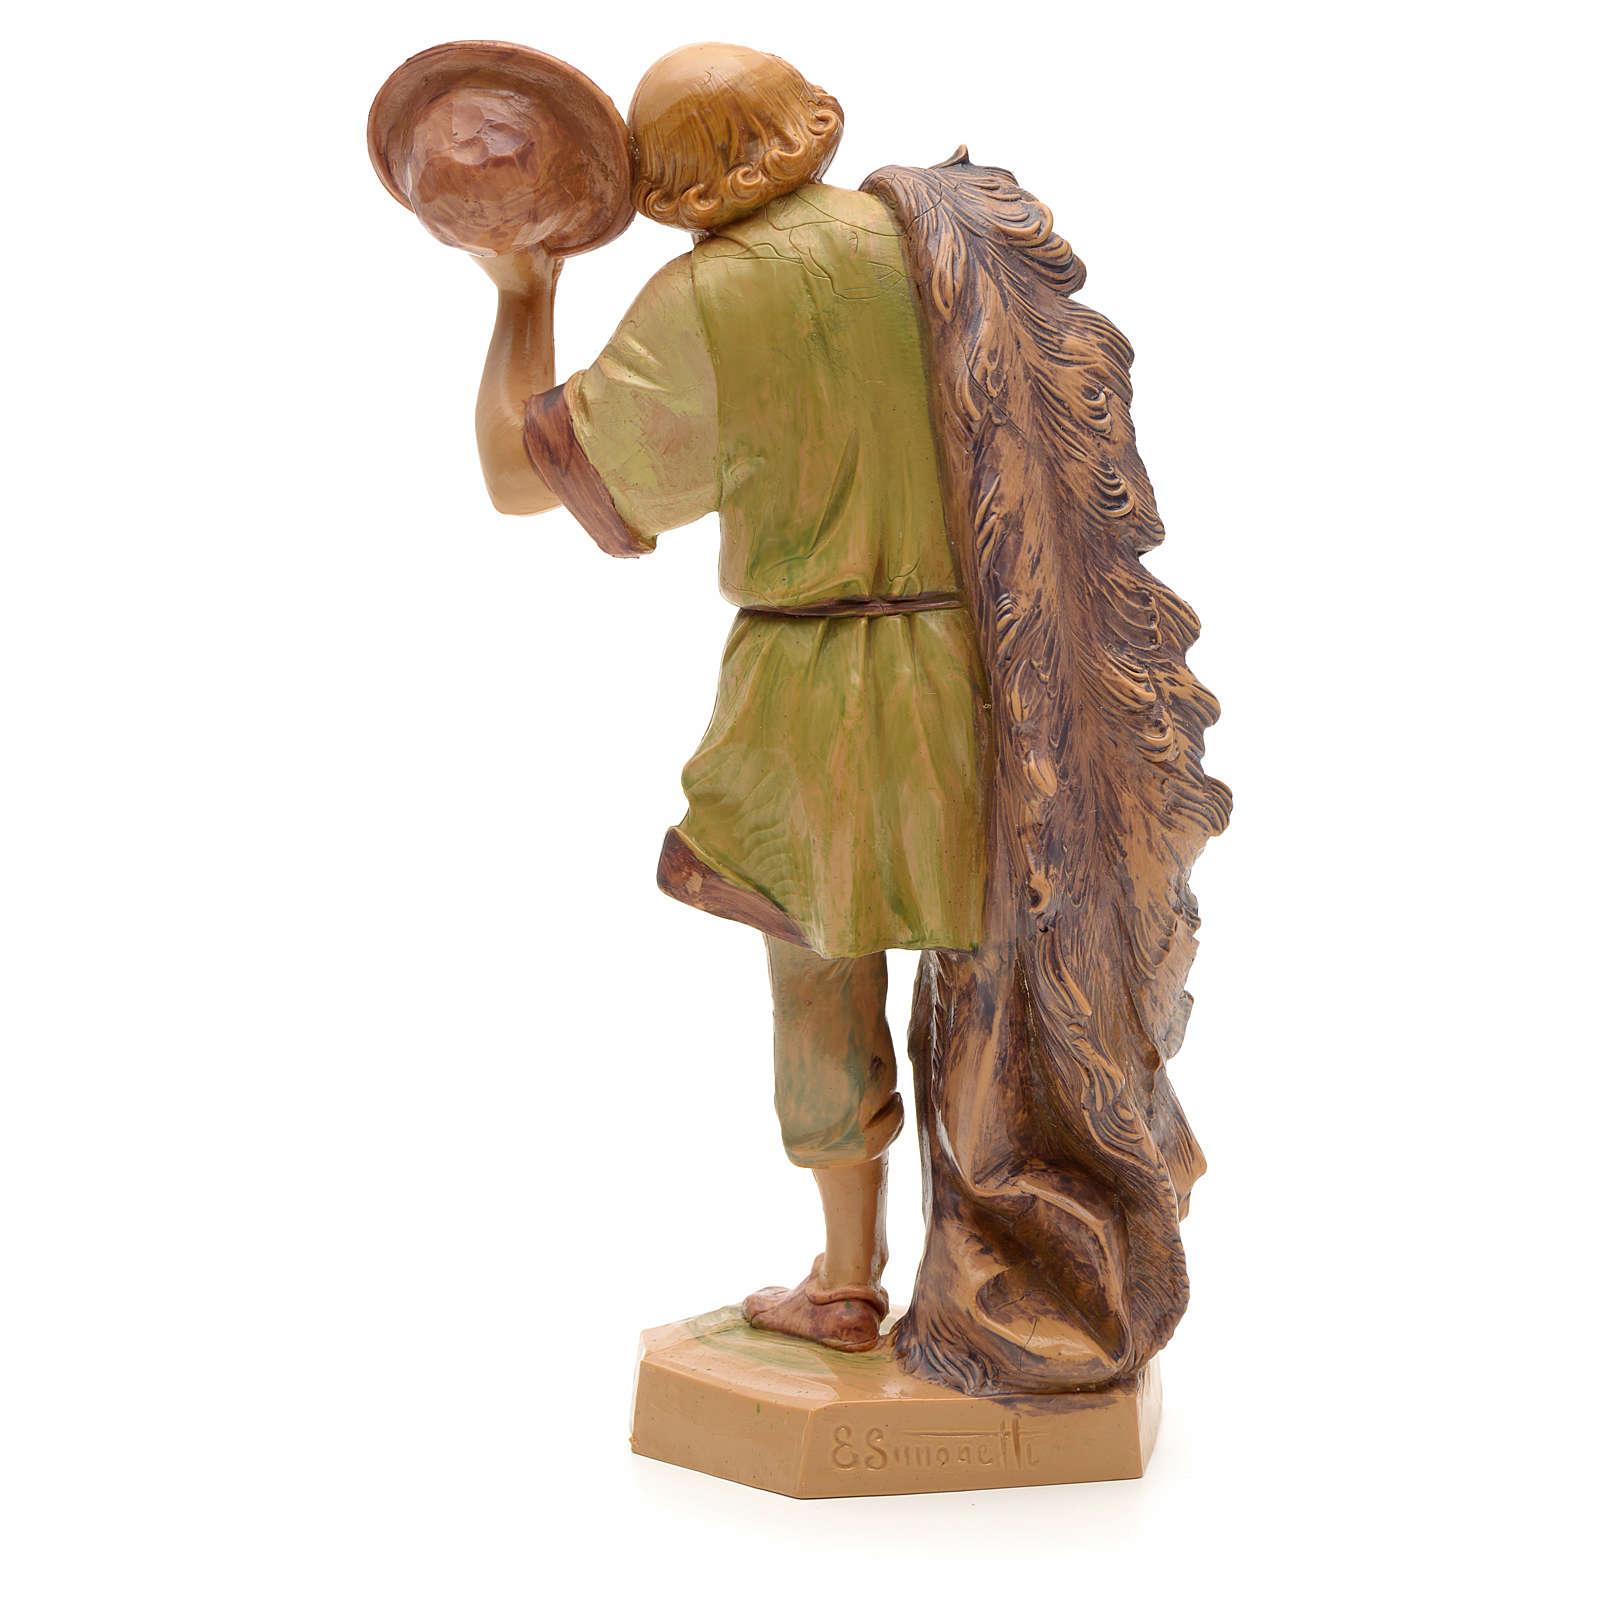 Pastore con cappello levato 19 cm Fontanini 4